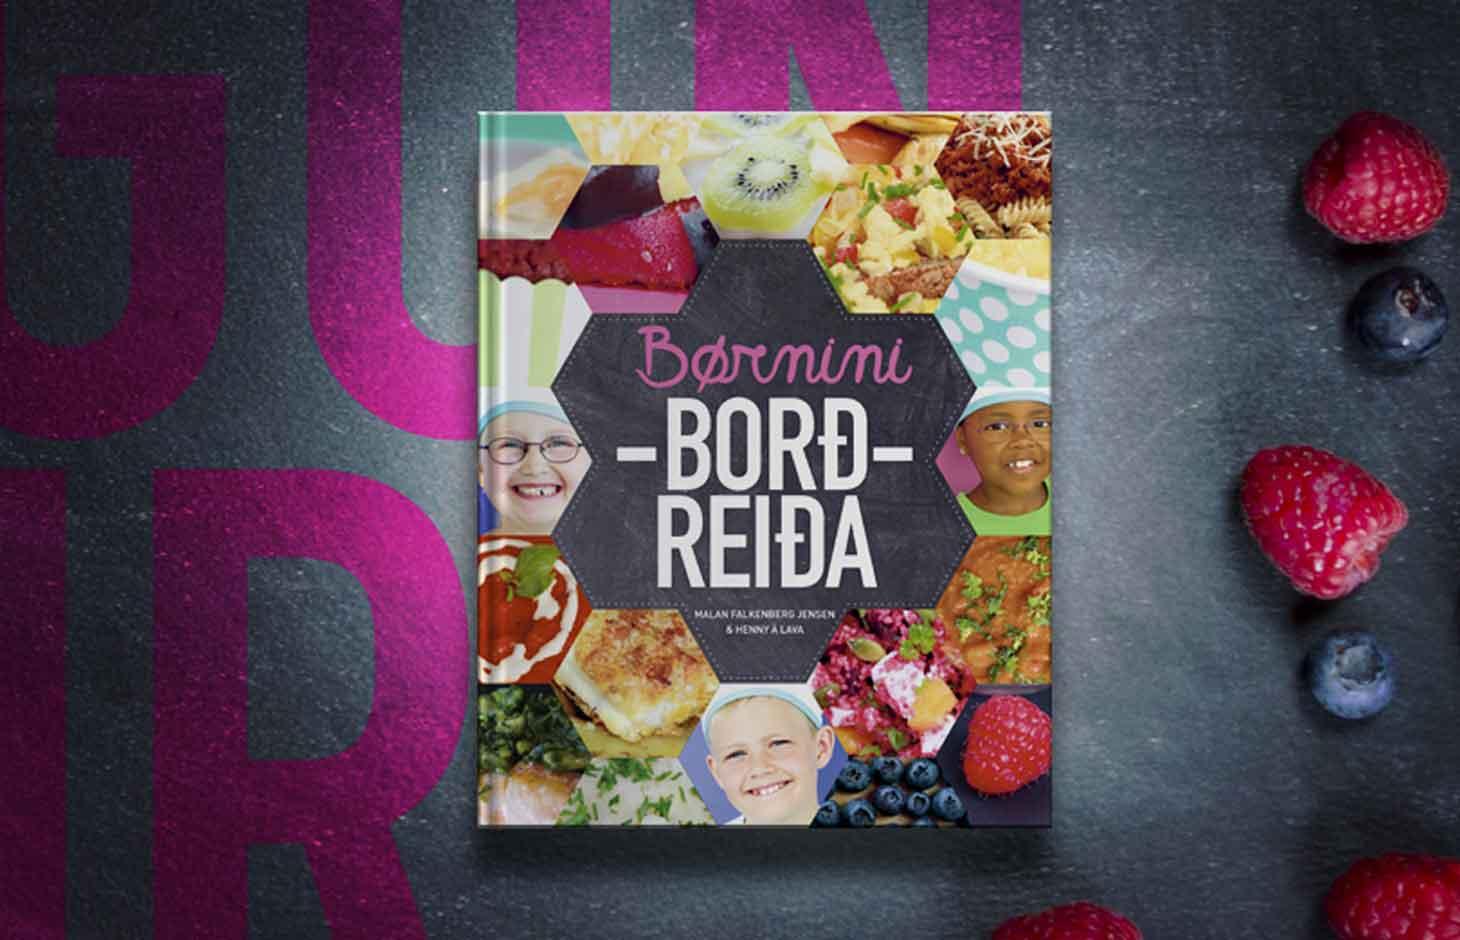 Børnini borðreiða